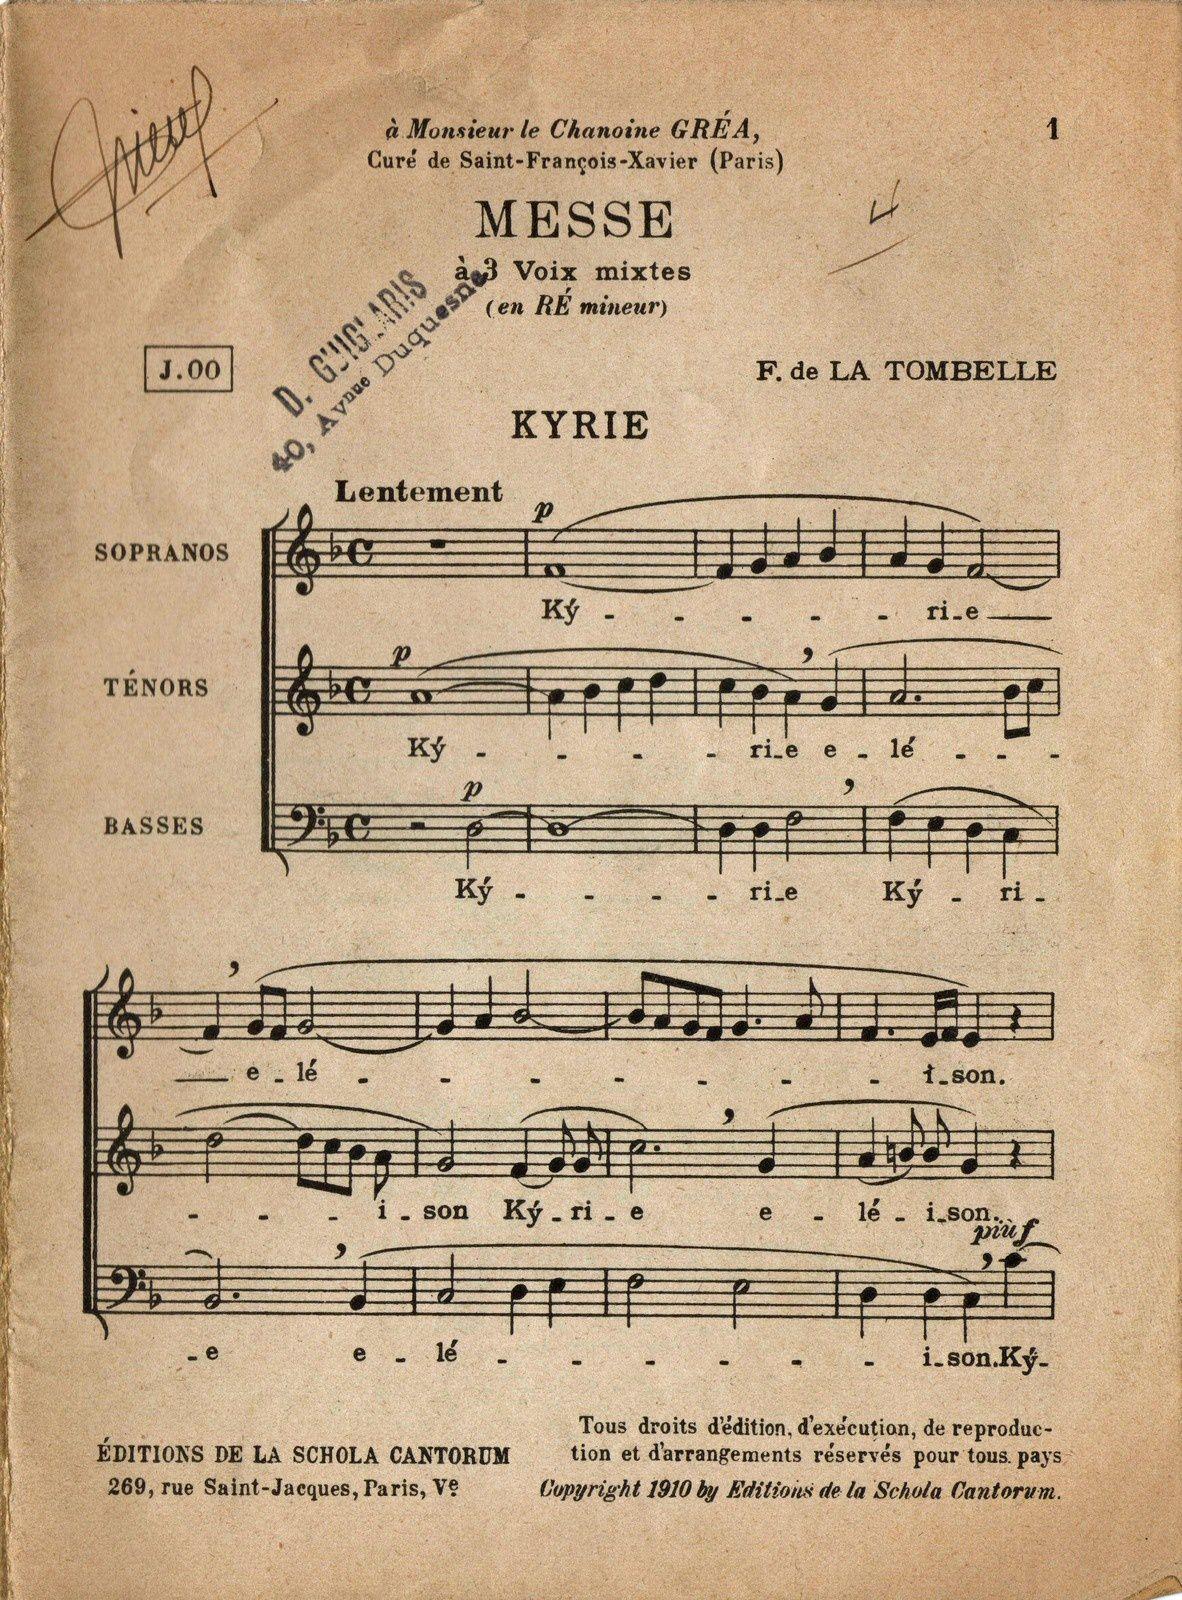 Messe en ré mineur de Fernand de la Tombelle